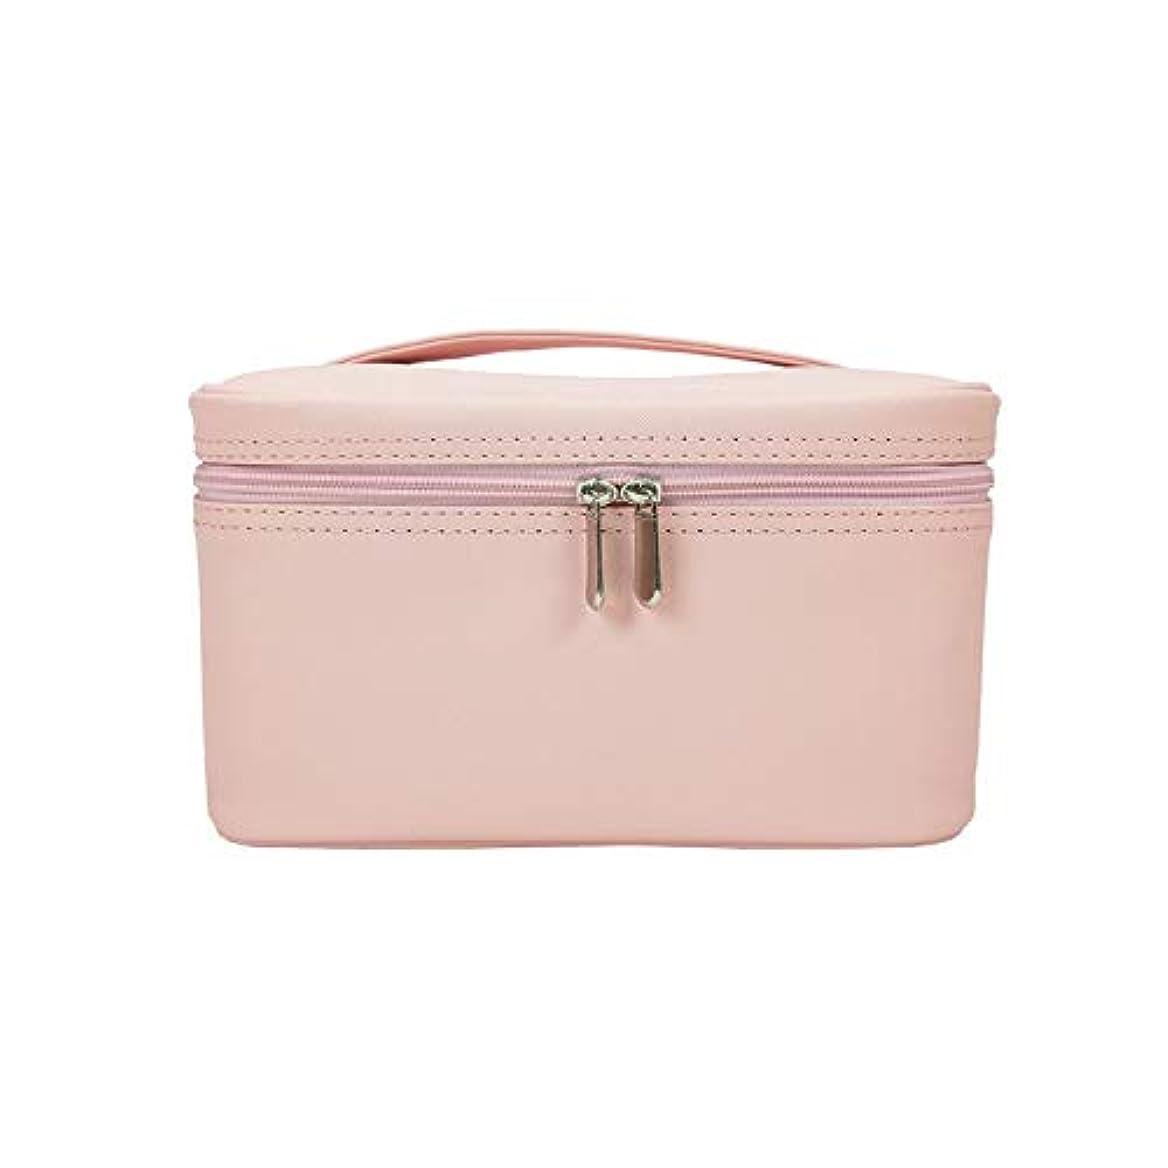 インポートマトリックスコークス化粧オーガナイザーバッグ メイクアップトラベルバッグPUレター防水化粧ケースのティーン女の子の女性のアーティスト 化粧品ケース (色 : ピンク)